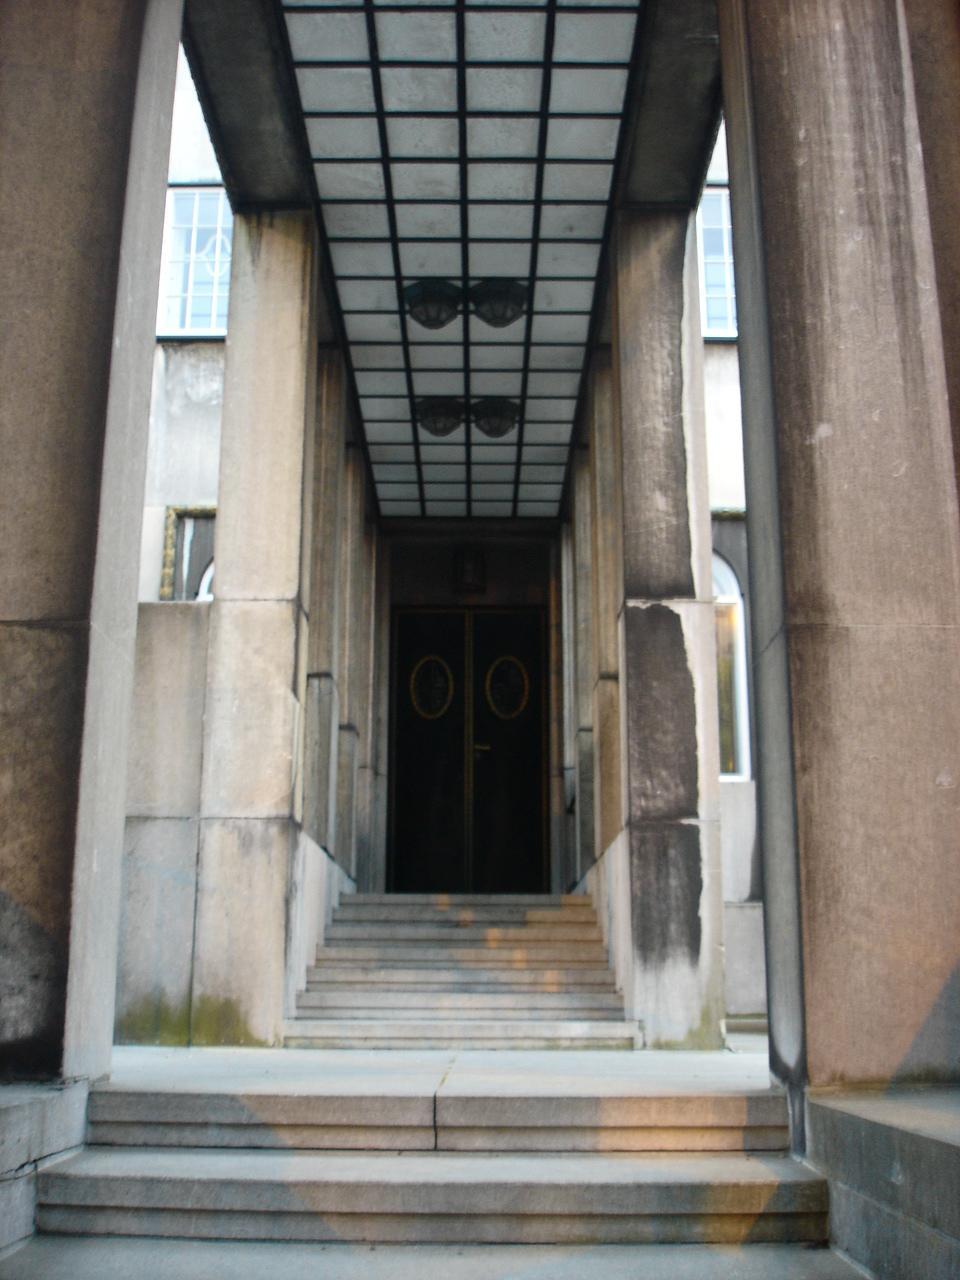 ストックレー邸の画像 p1_34